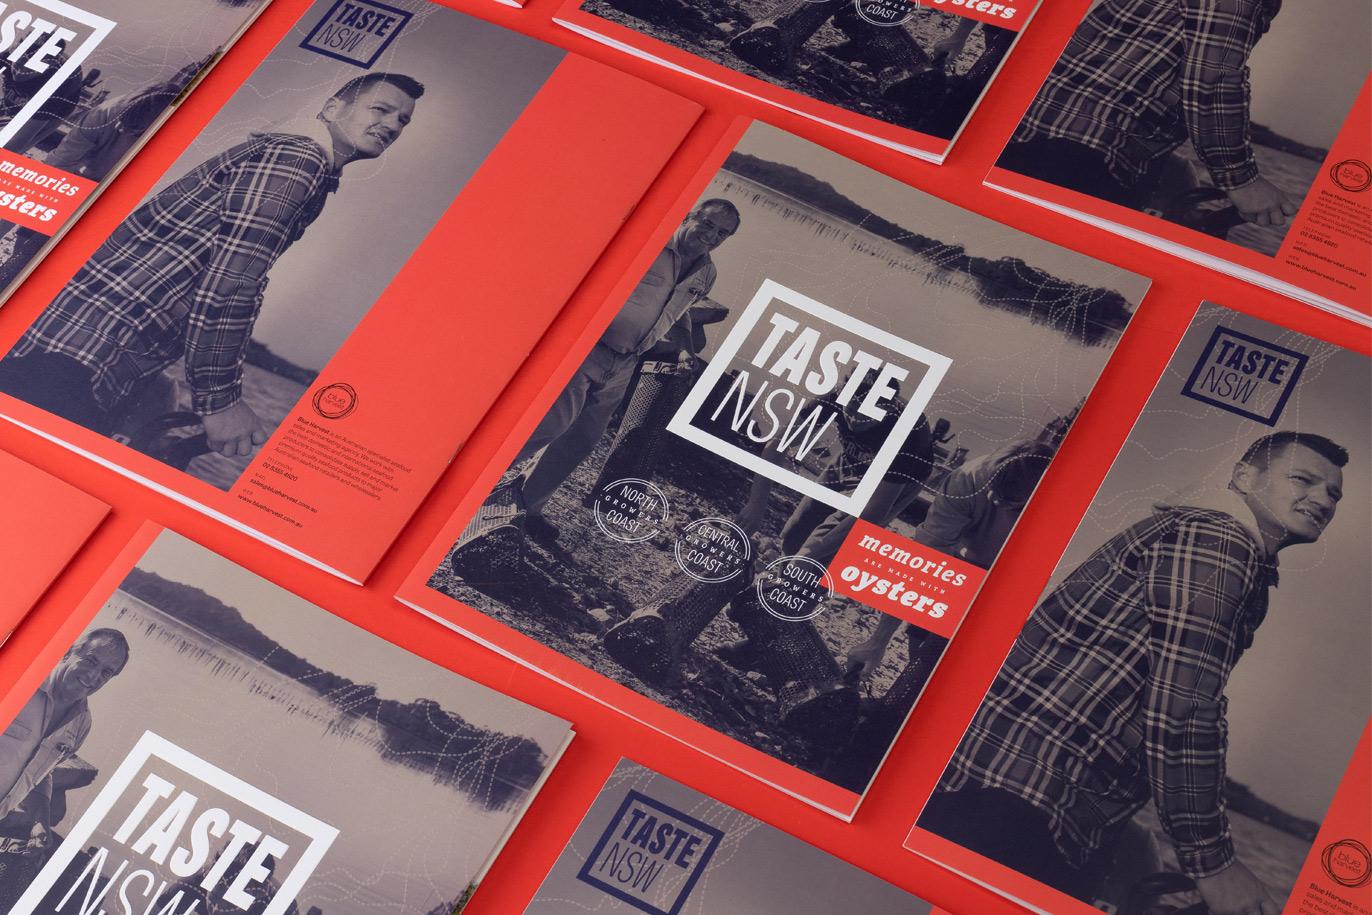 Taste NSW Australia branding diseño de logo identidad corporativa material comercial diseño gráfico Vibranding